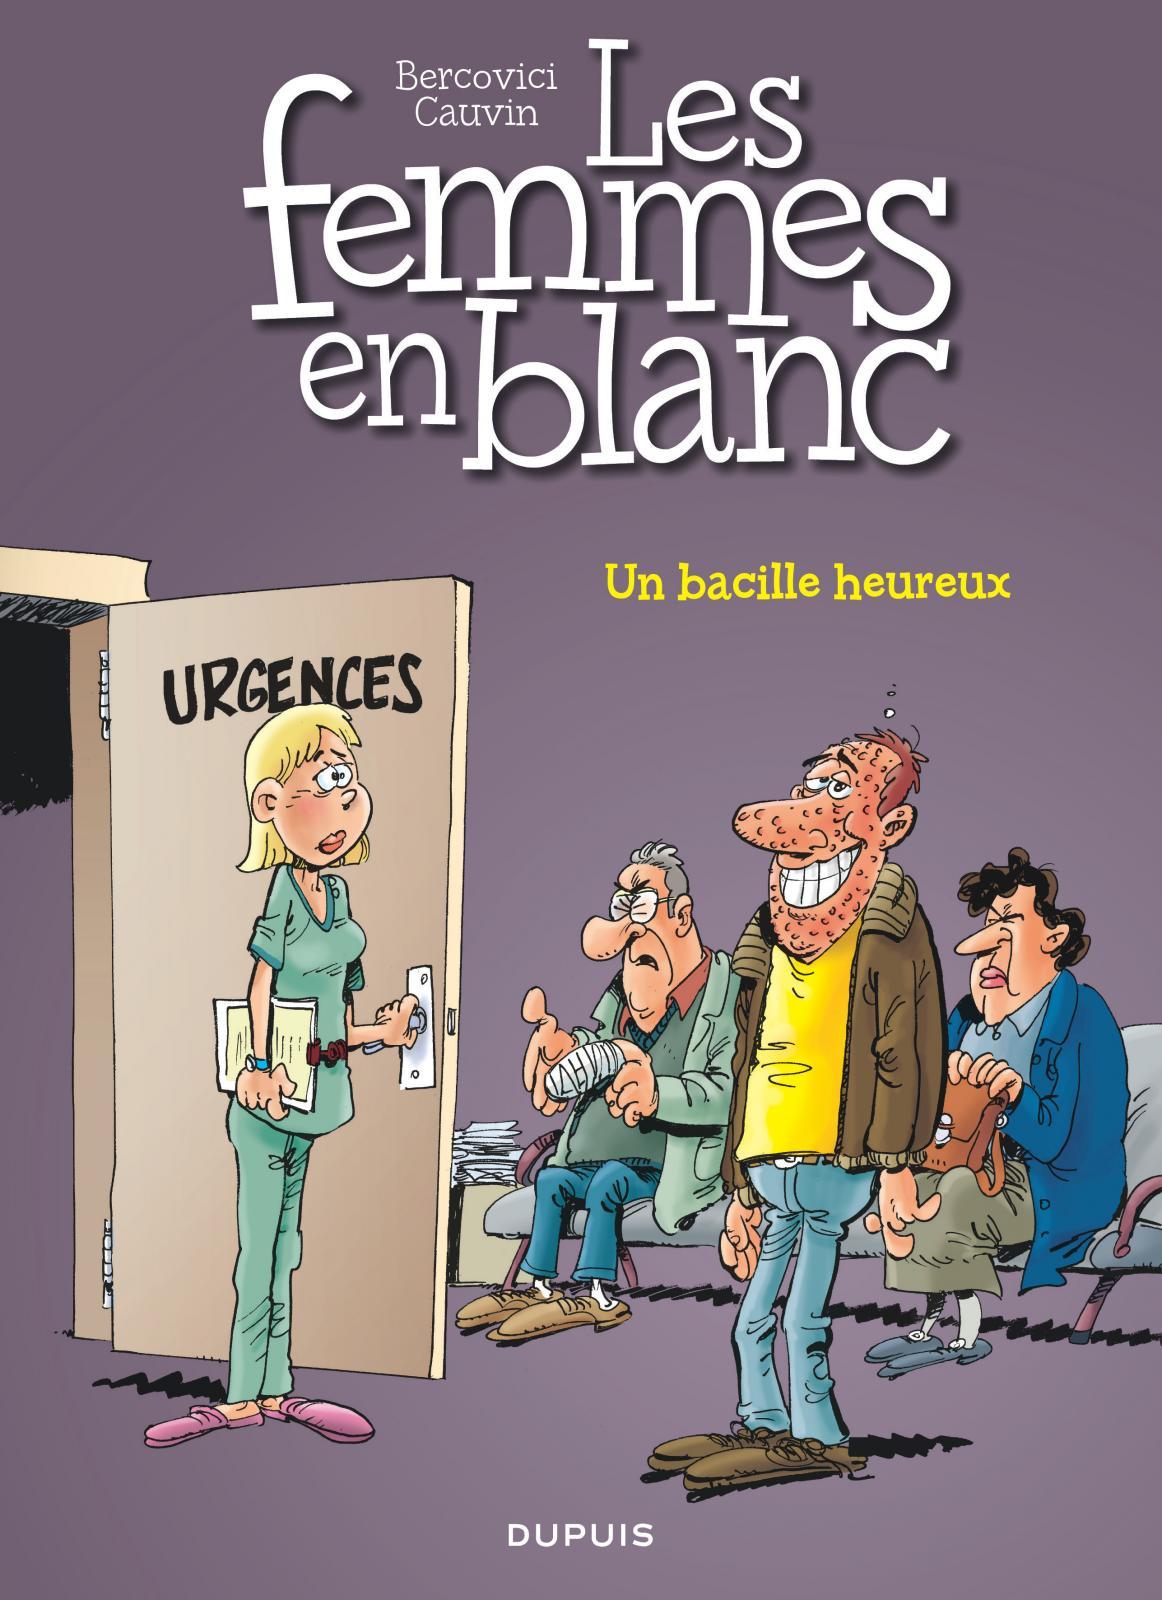 Les femmes en blanc Un bacille heureux tome 37 Cauvin Bercovici Dupuis couverture